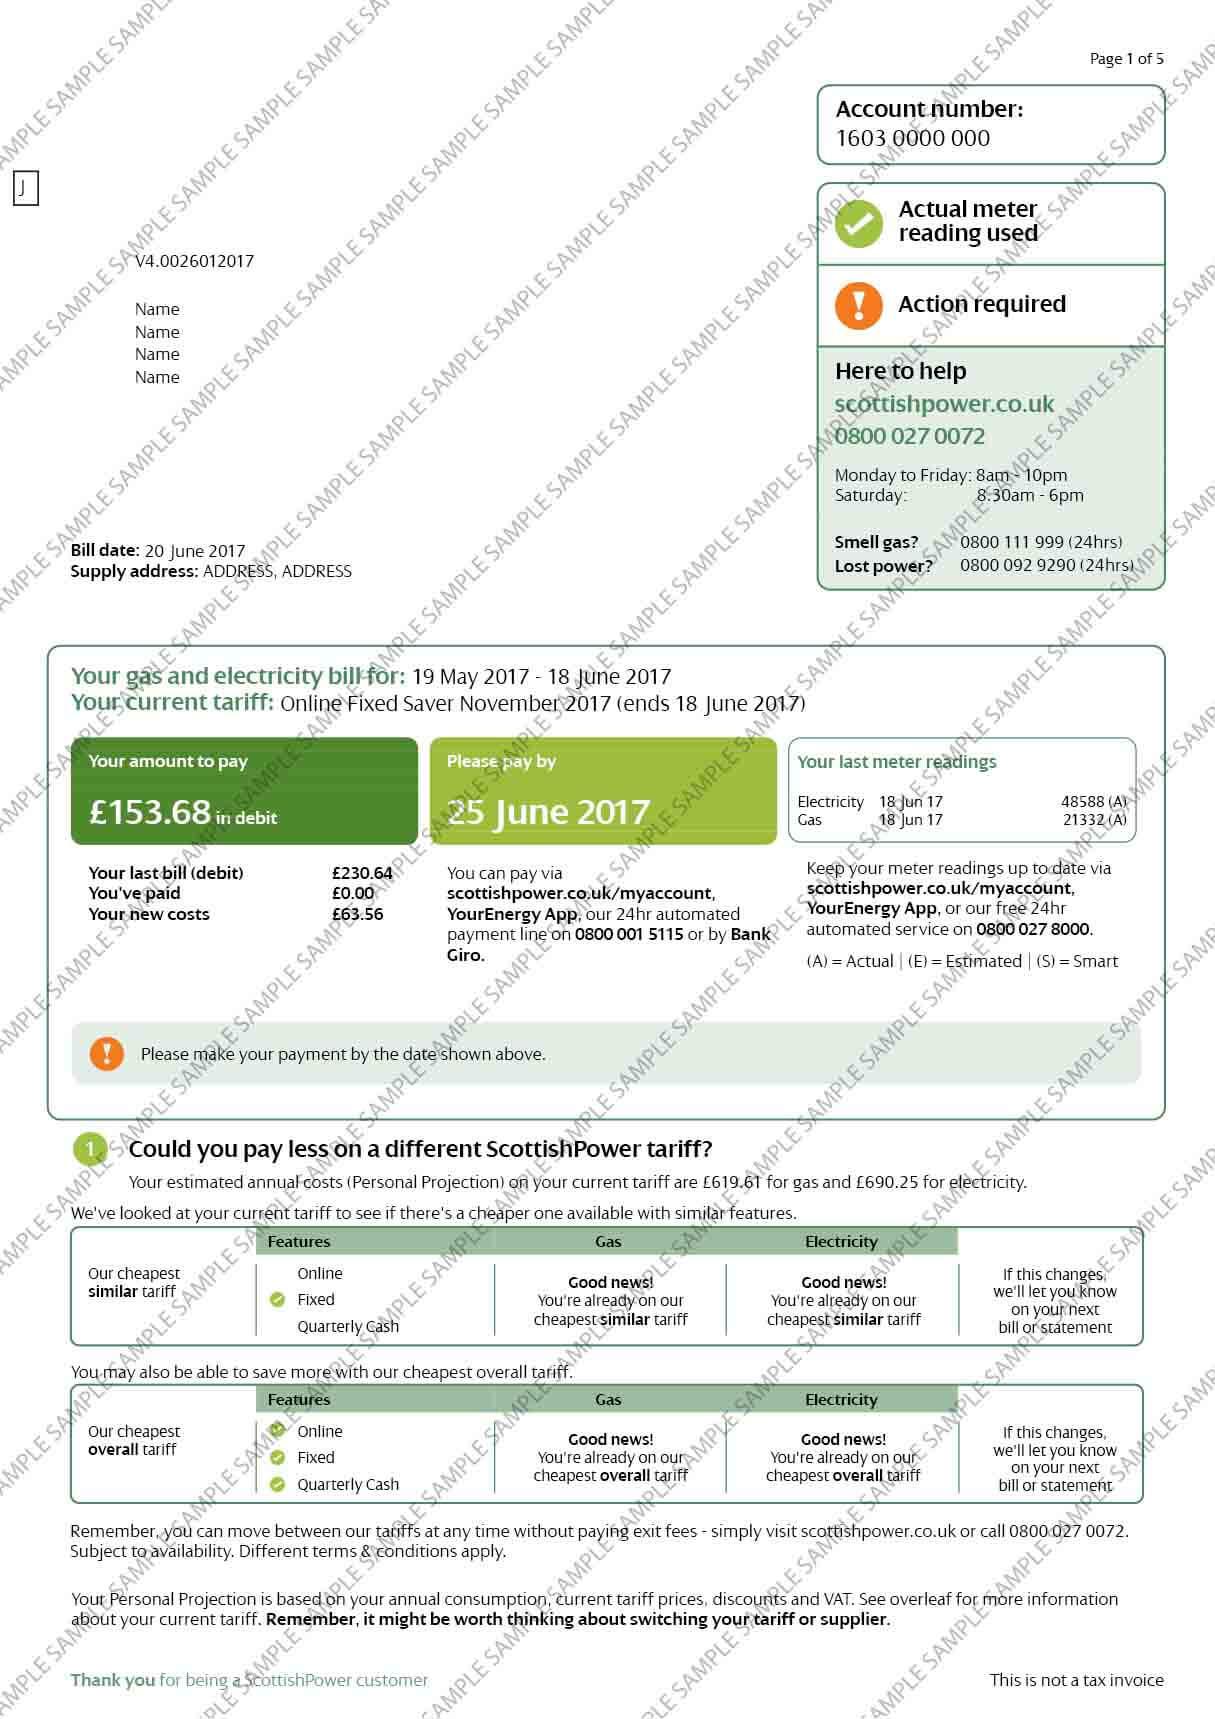 fake documents fake bank statements fake utility bills p60 p45